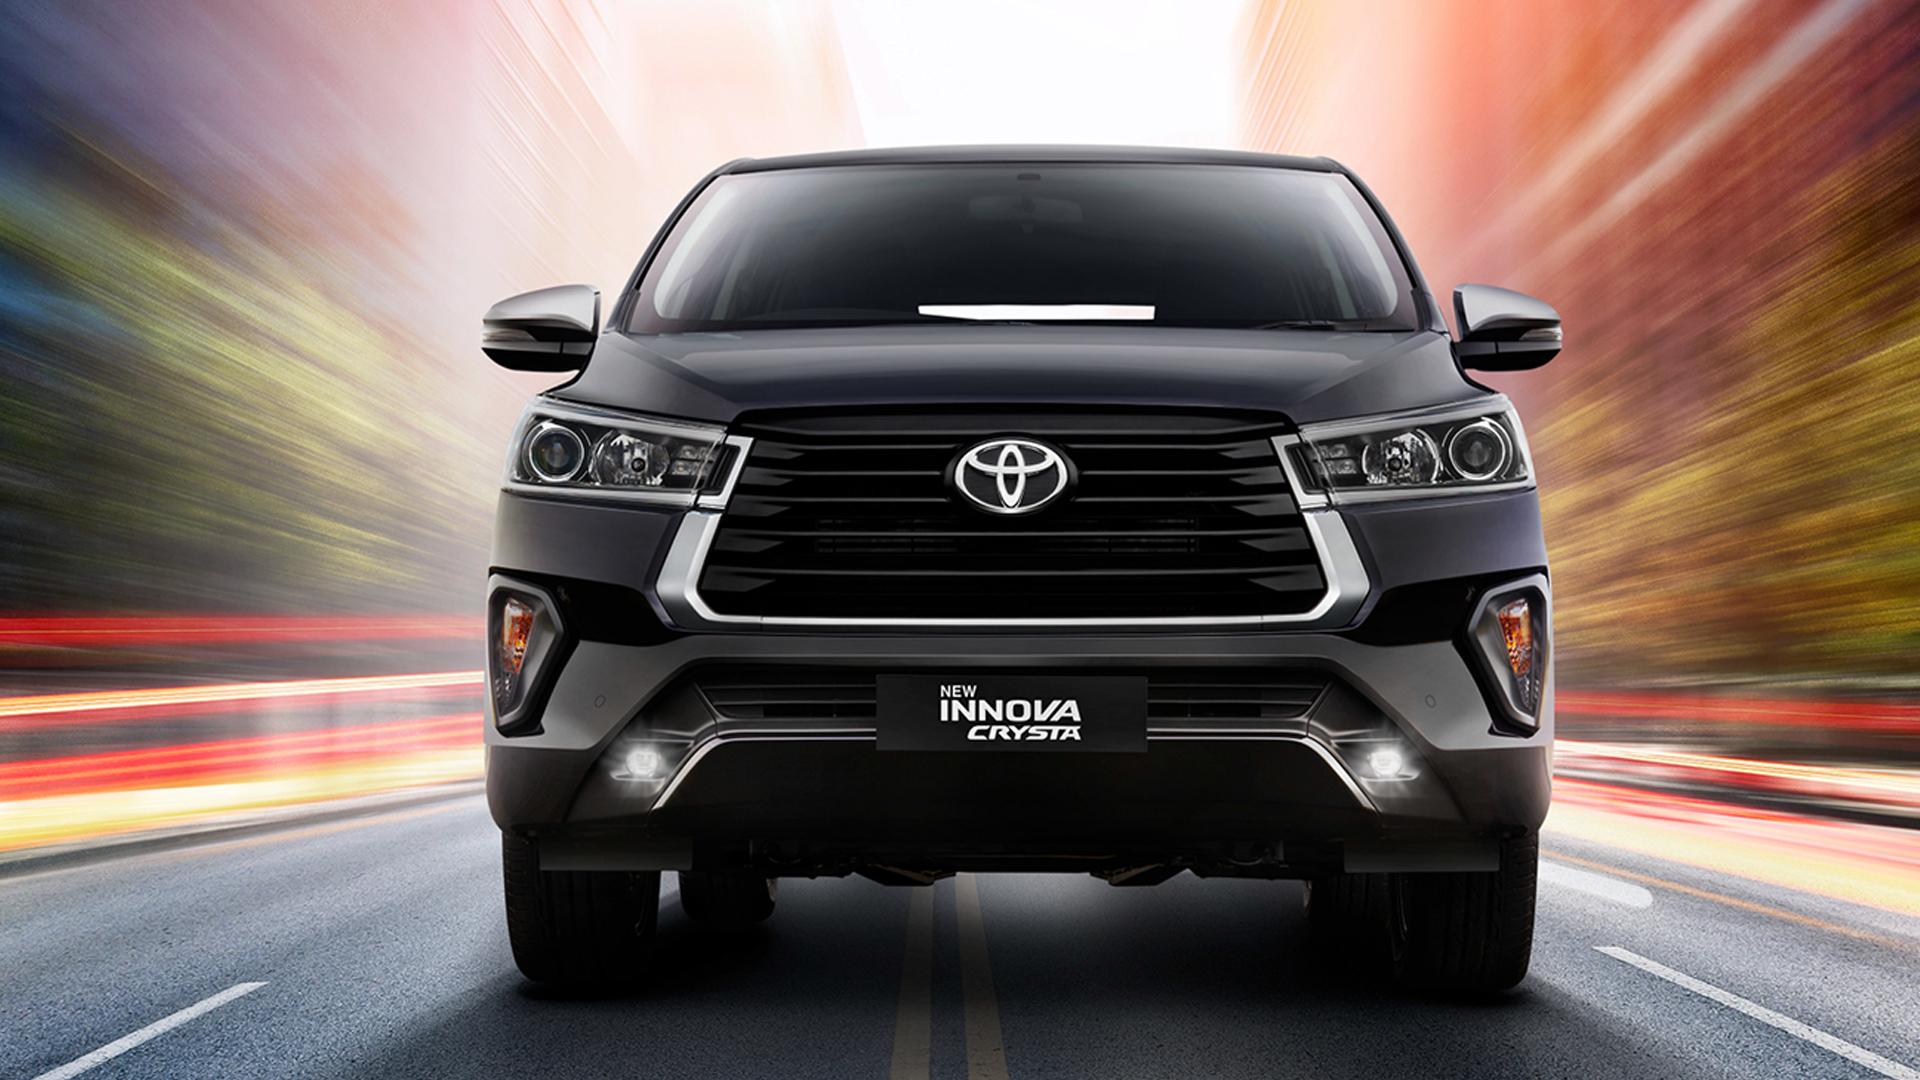 Toyota Innova Crysta 2021 2.4 ZX MT 7 Str Exterior